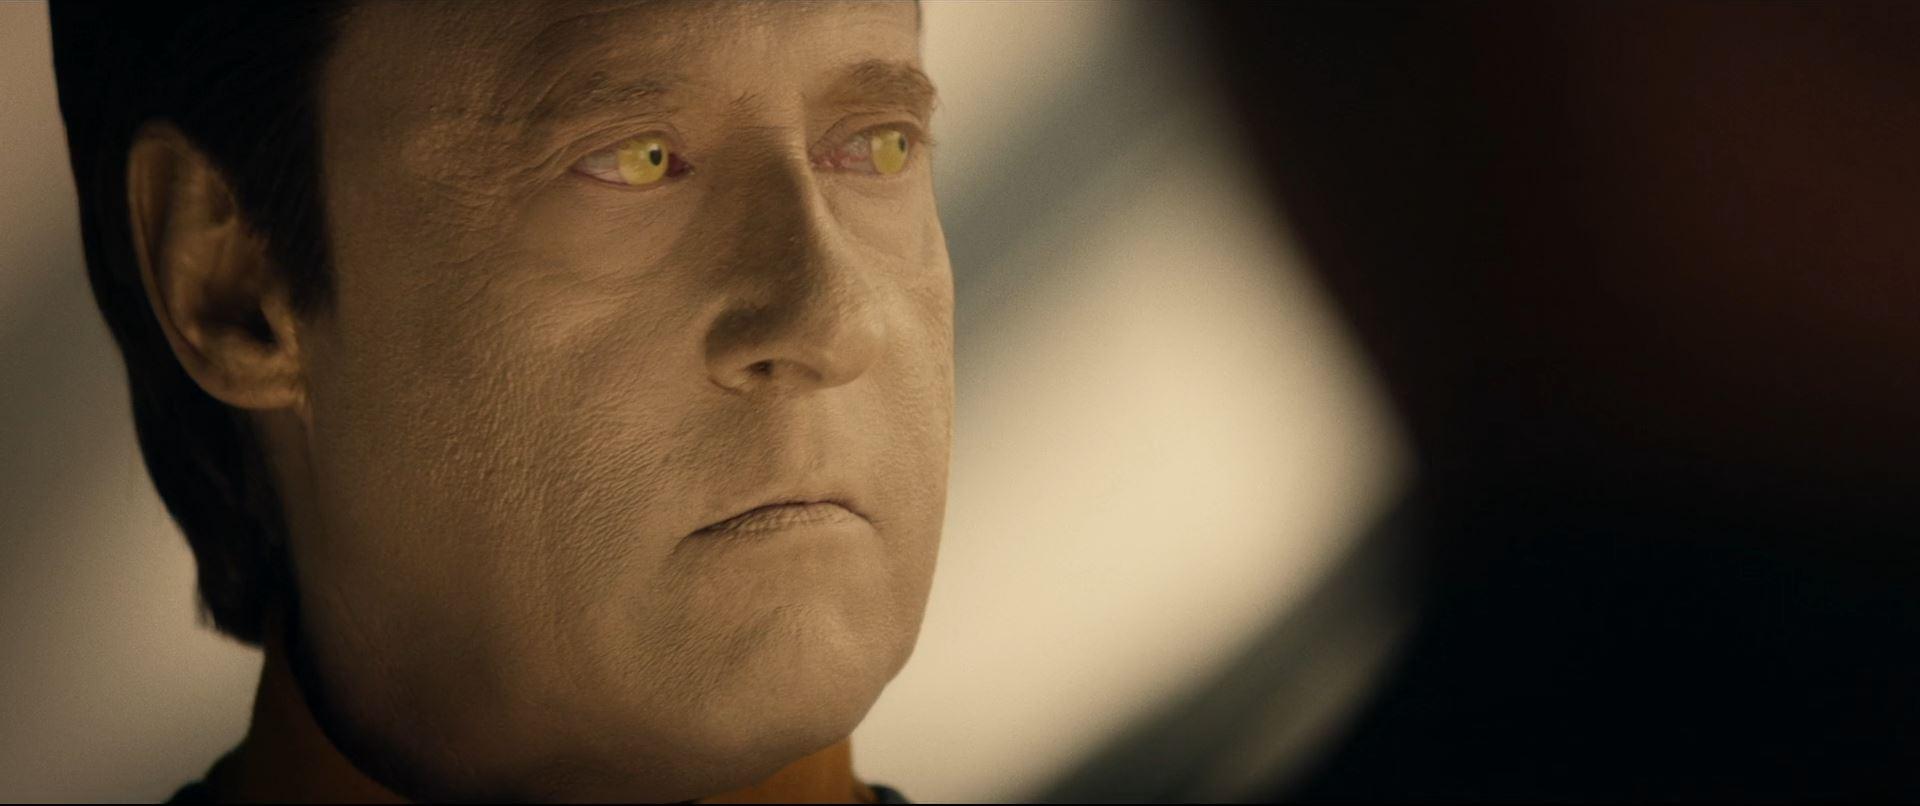 Star Rrek Picard - Brent Spiner as Data